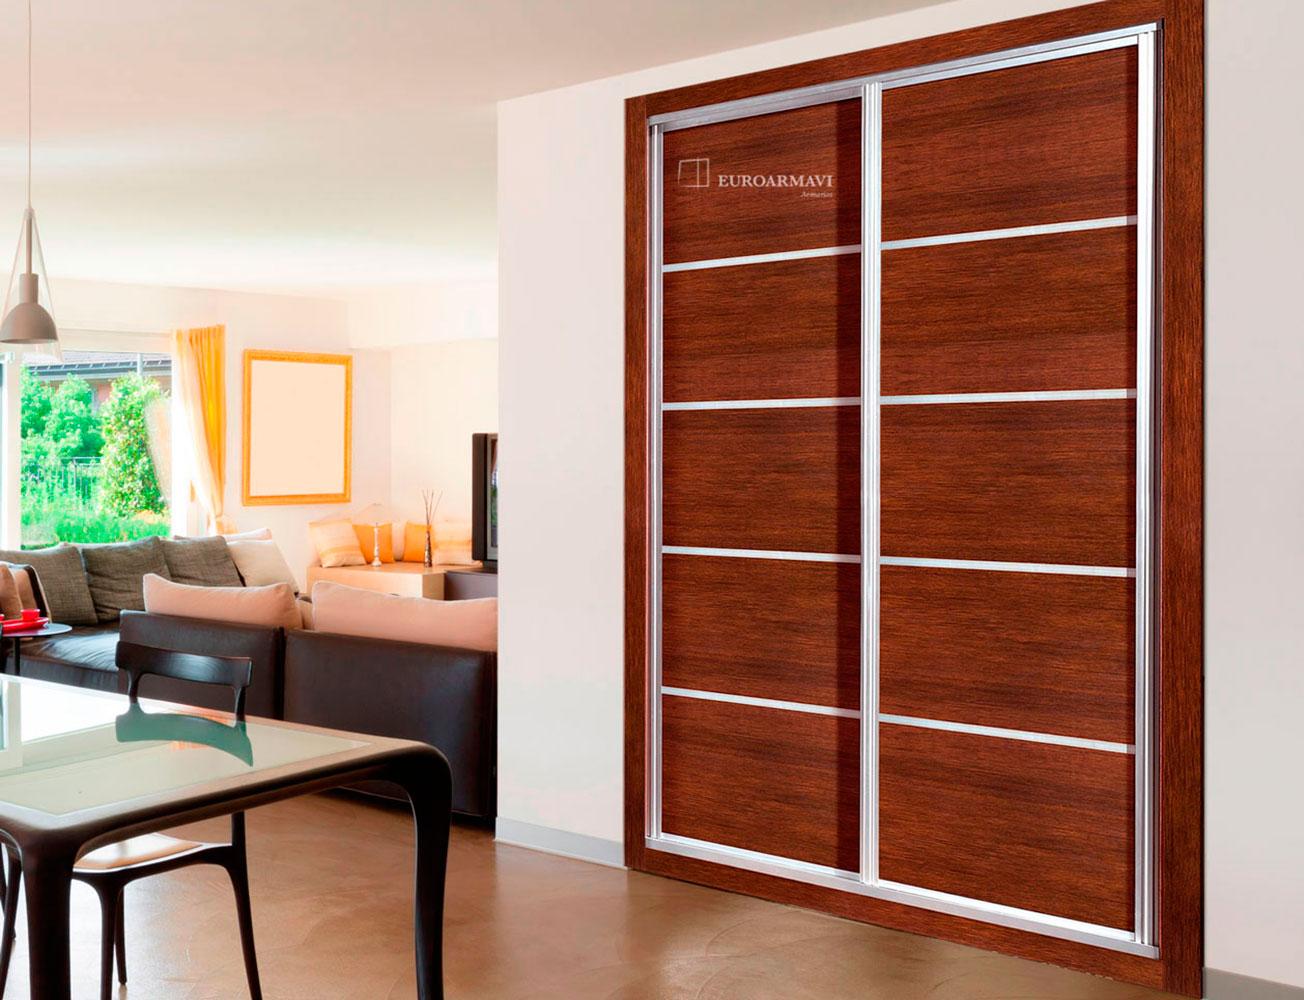 Beautiful Armarios Comedor Gallery - Casa & Diseño Ideas ...